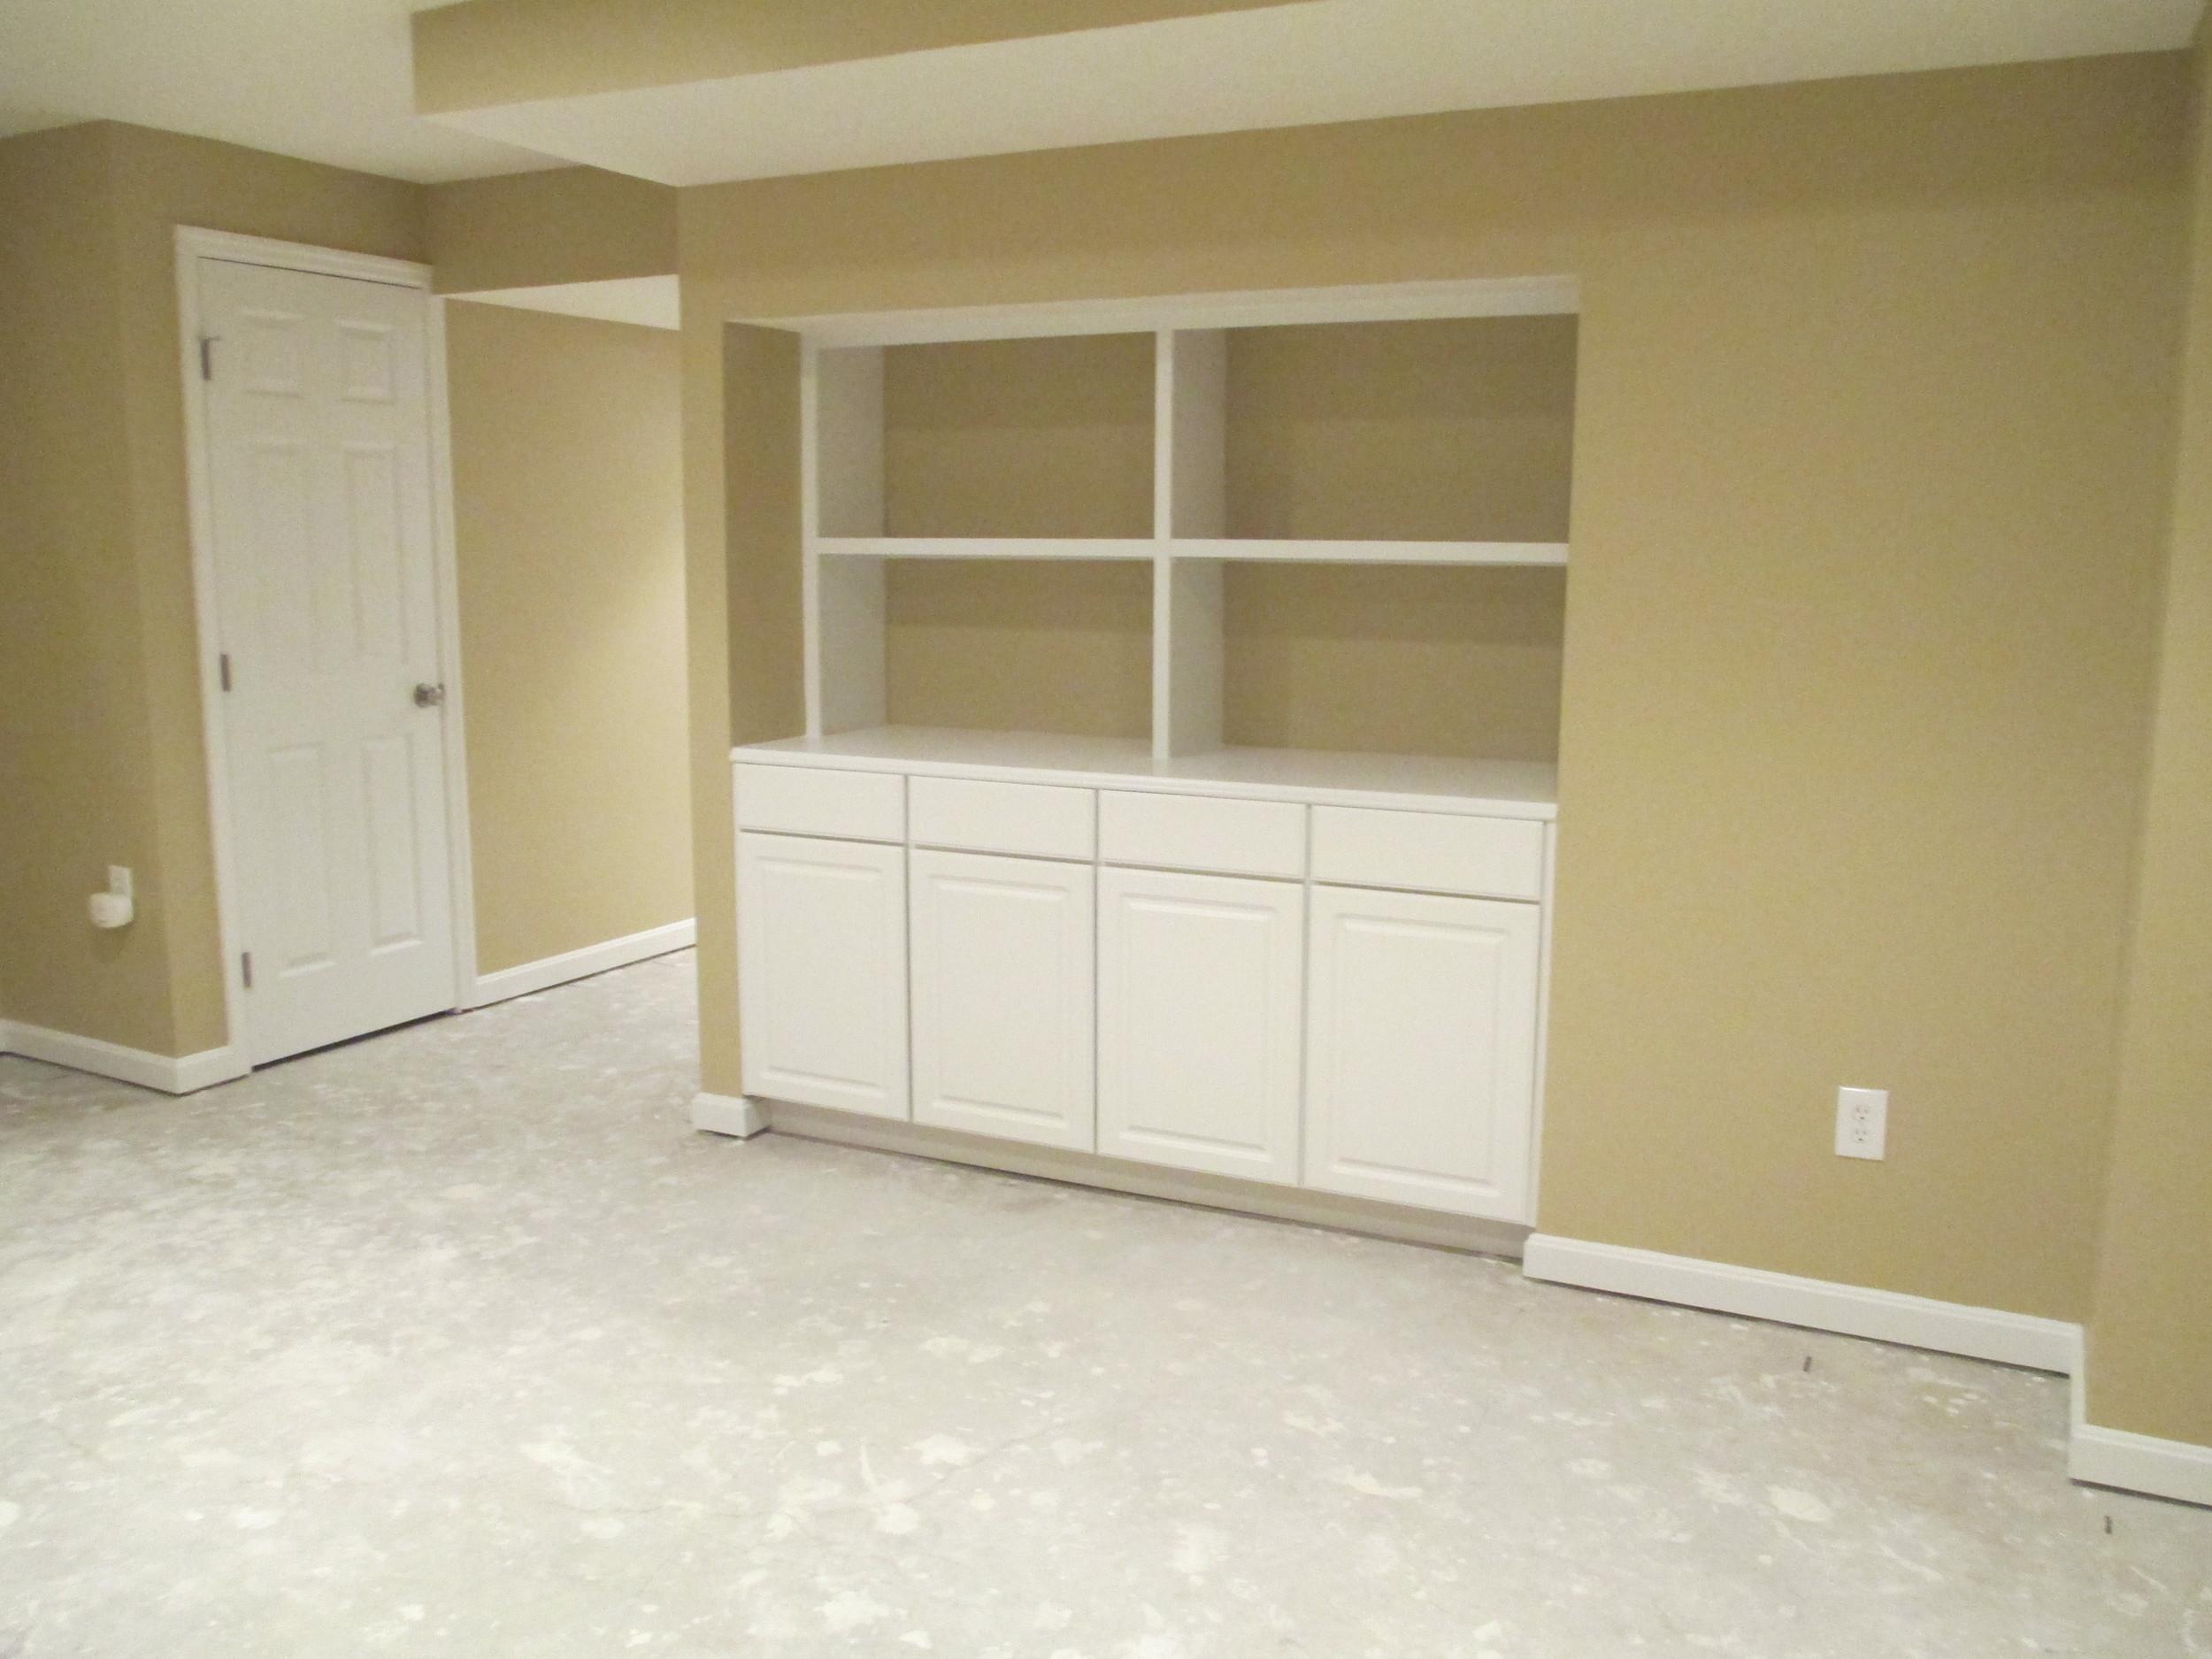 Silverton Finished Basement Cabinets